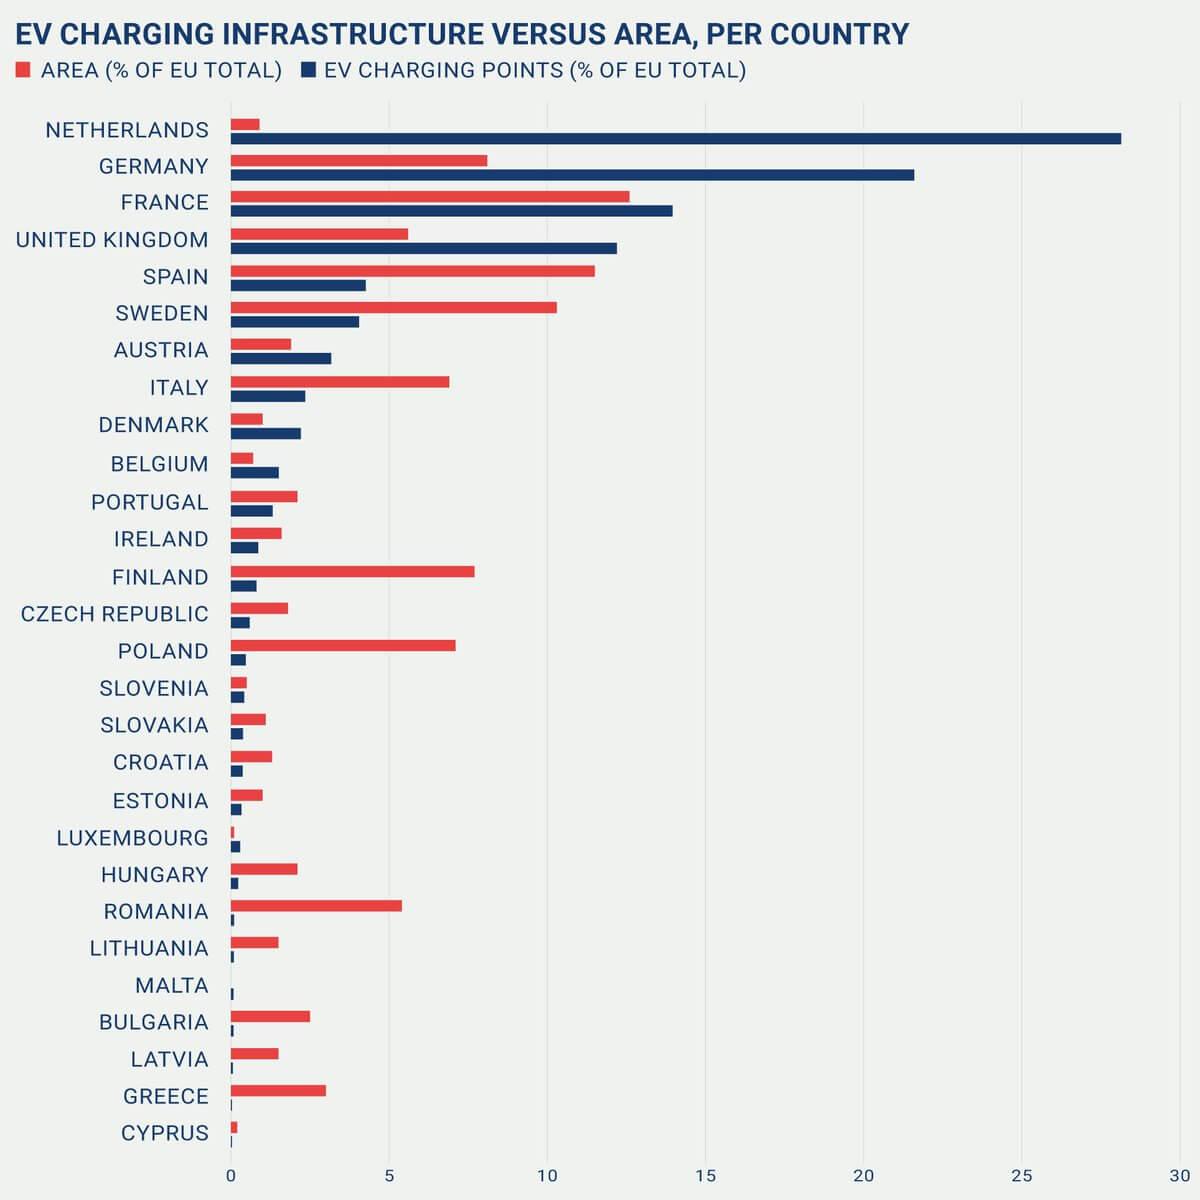 Зарядная инфраструктура в странах ЕС в соотношении количества станций к площади страны